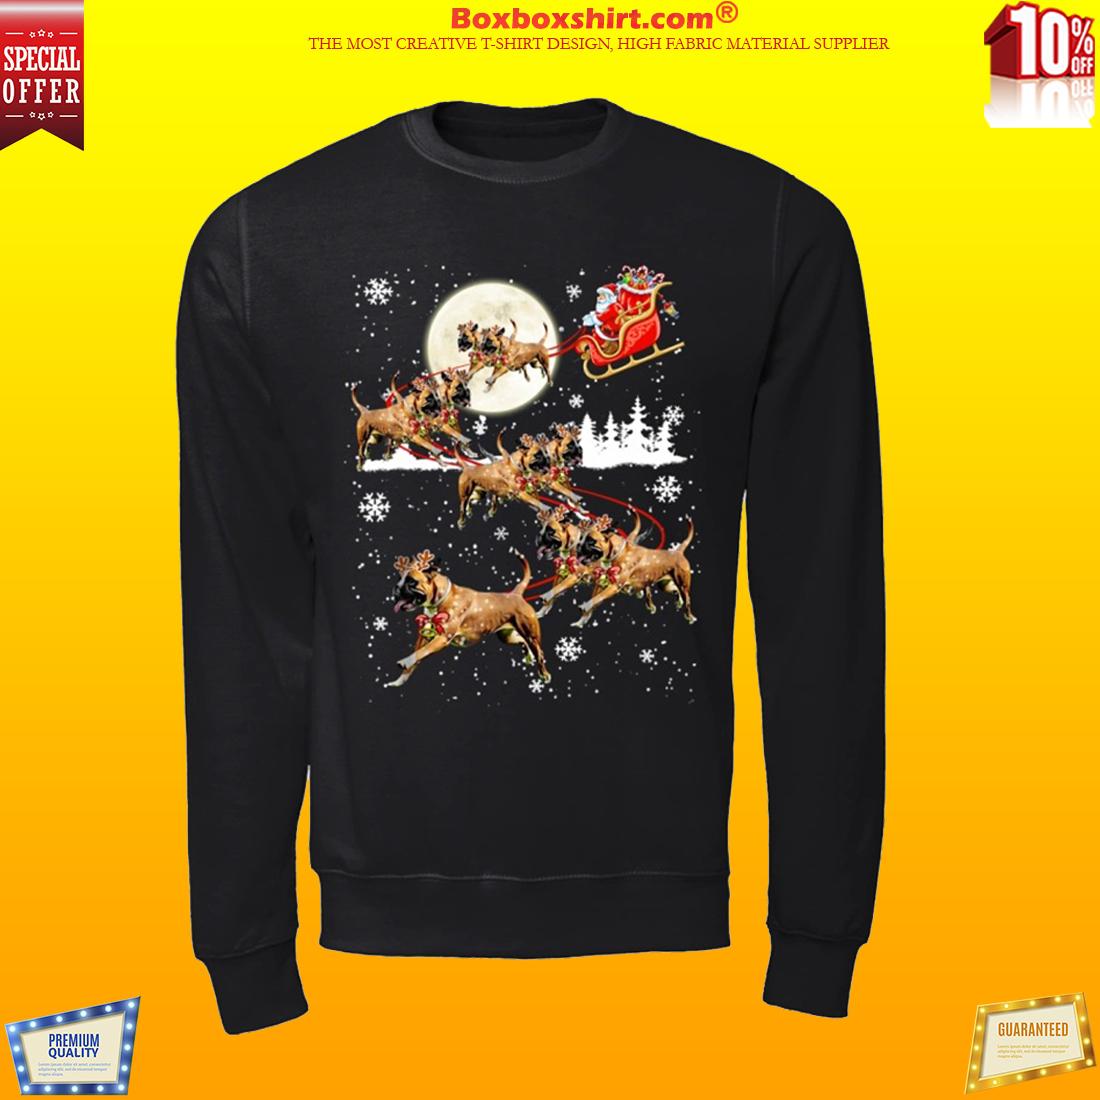 Santa Clause riding pitbull dog shirt and sweatshirt